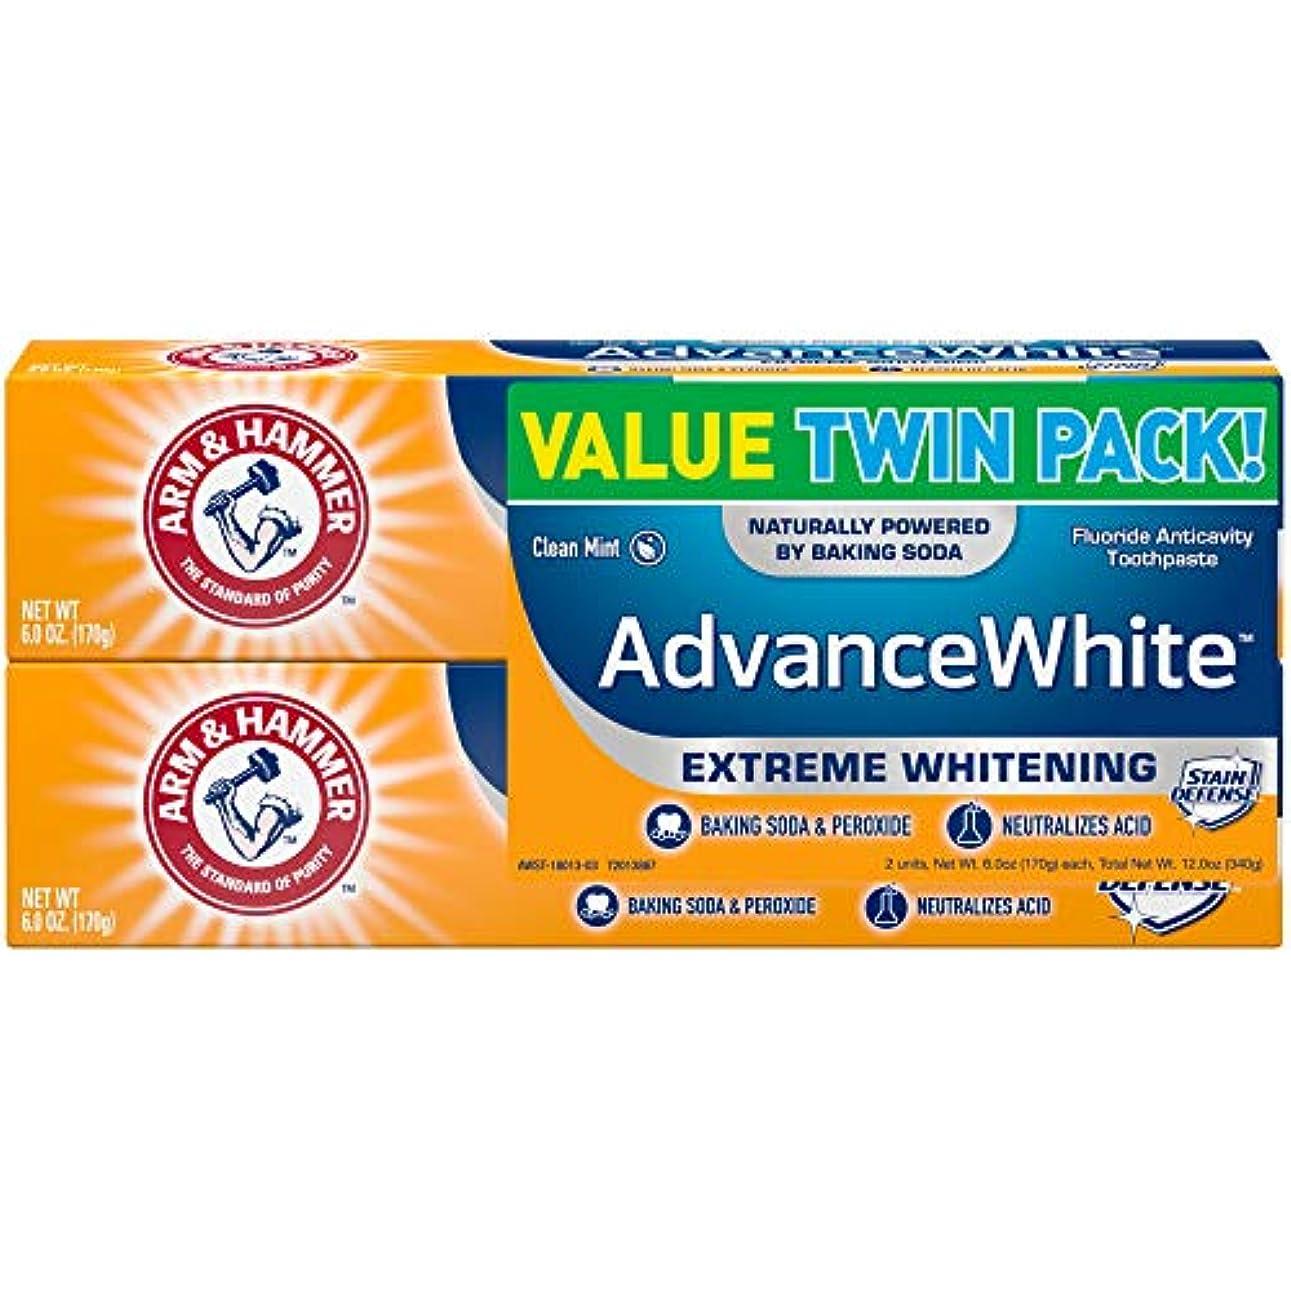 カレンダーモバイル発見するArm & Hammer アーム&ハマー アドバンス ホワイト 歯磨き粉 2個パック Toothpaste with Baking Soda & Peroxide